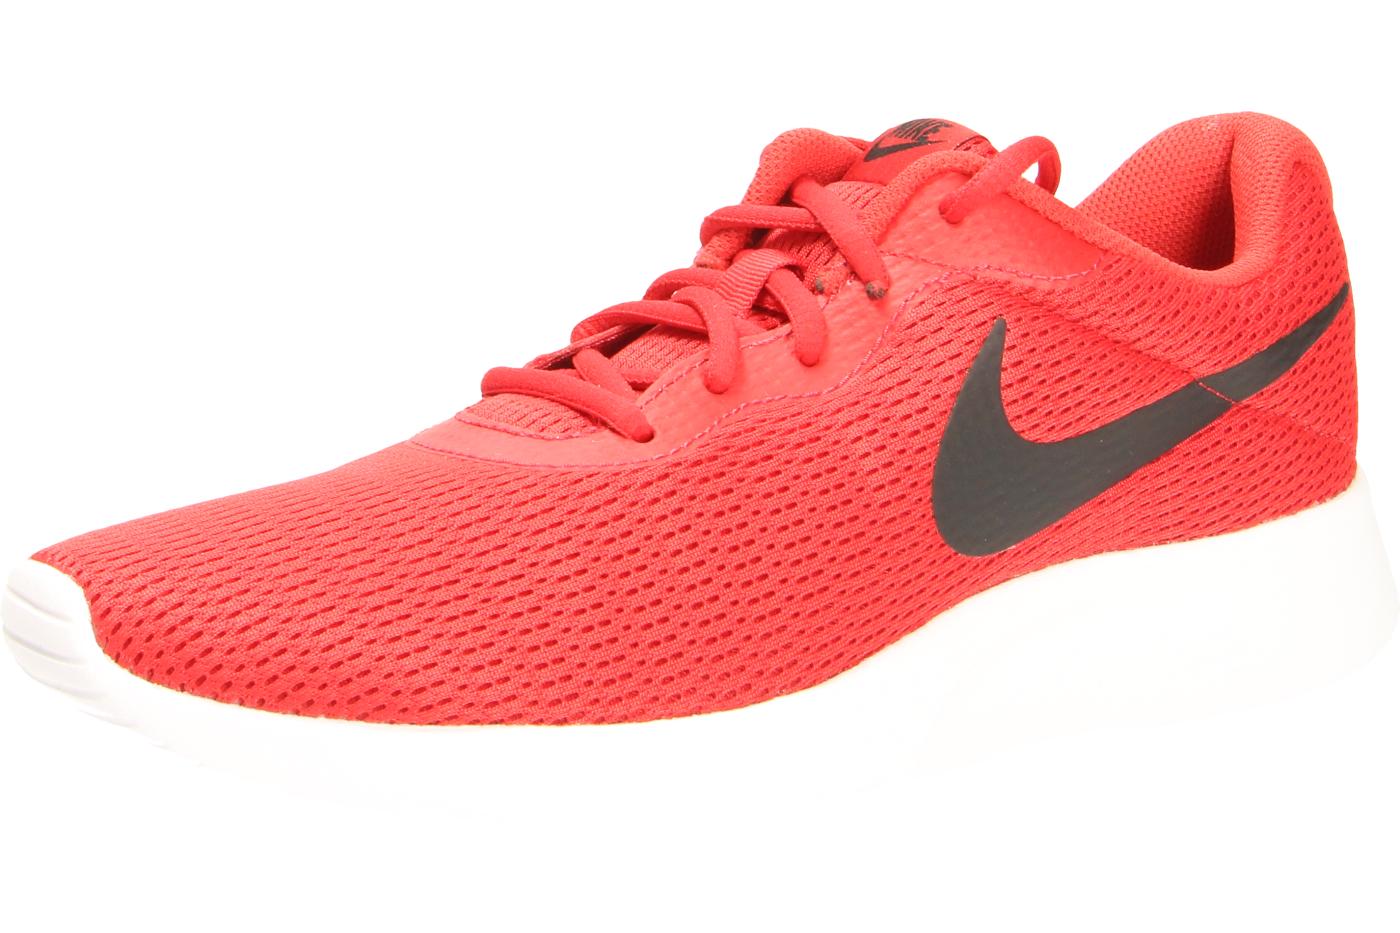 Tanjun 601 Nike Lifestyleschuh 812654 Nike vmn0Nw8